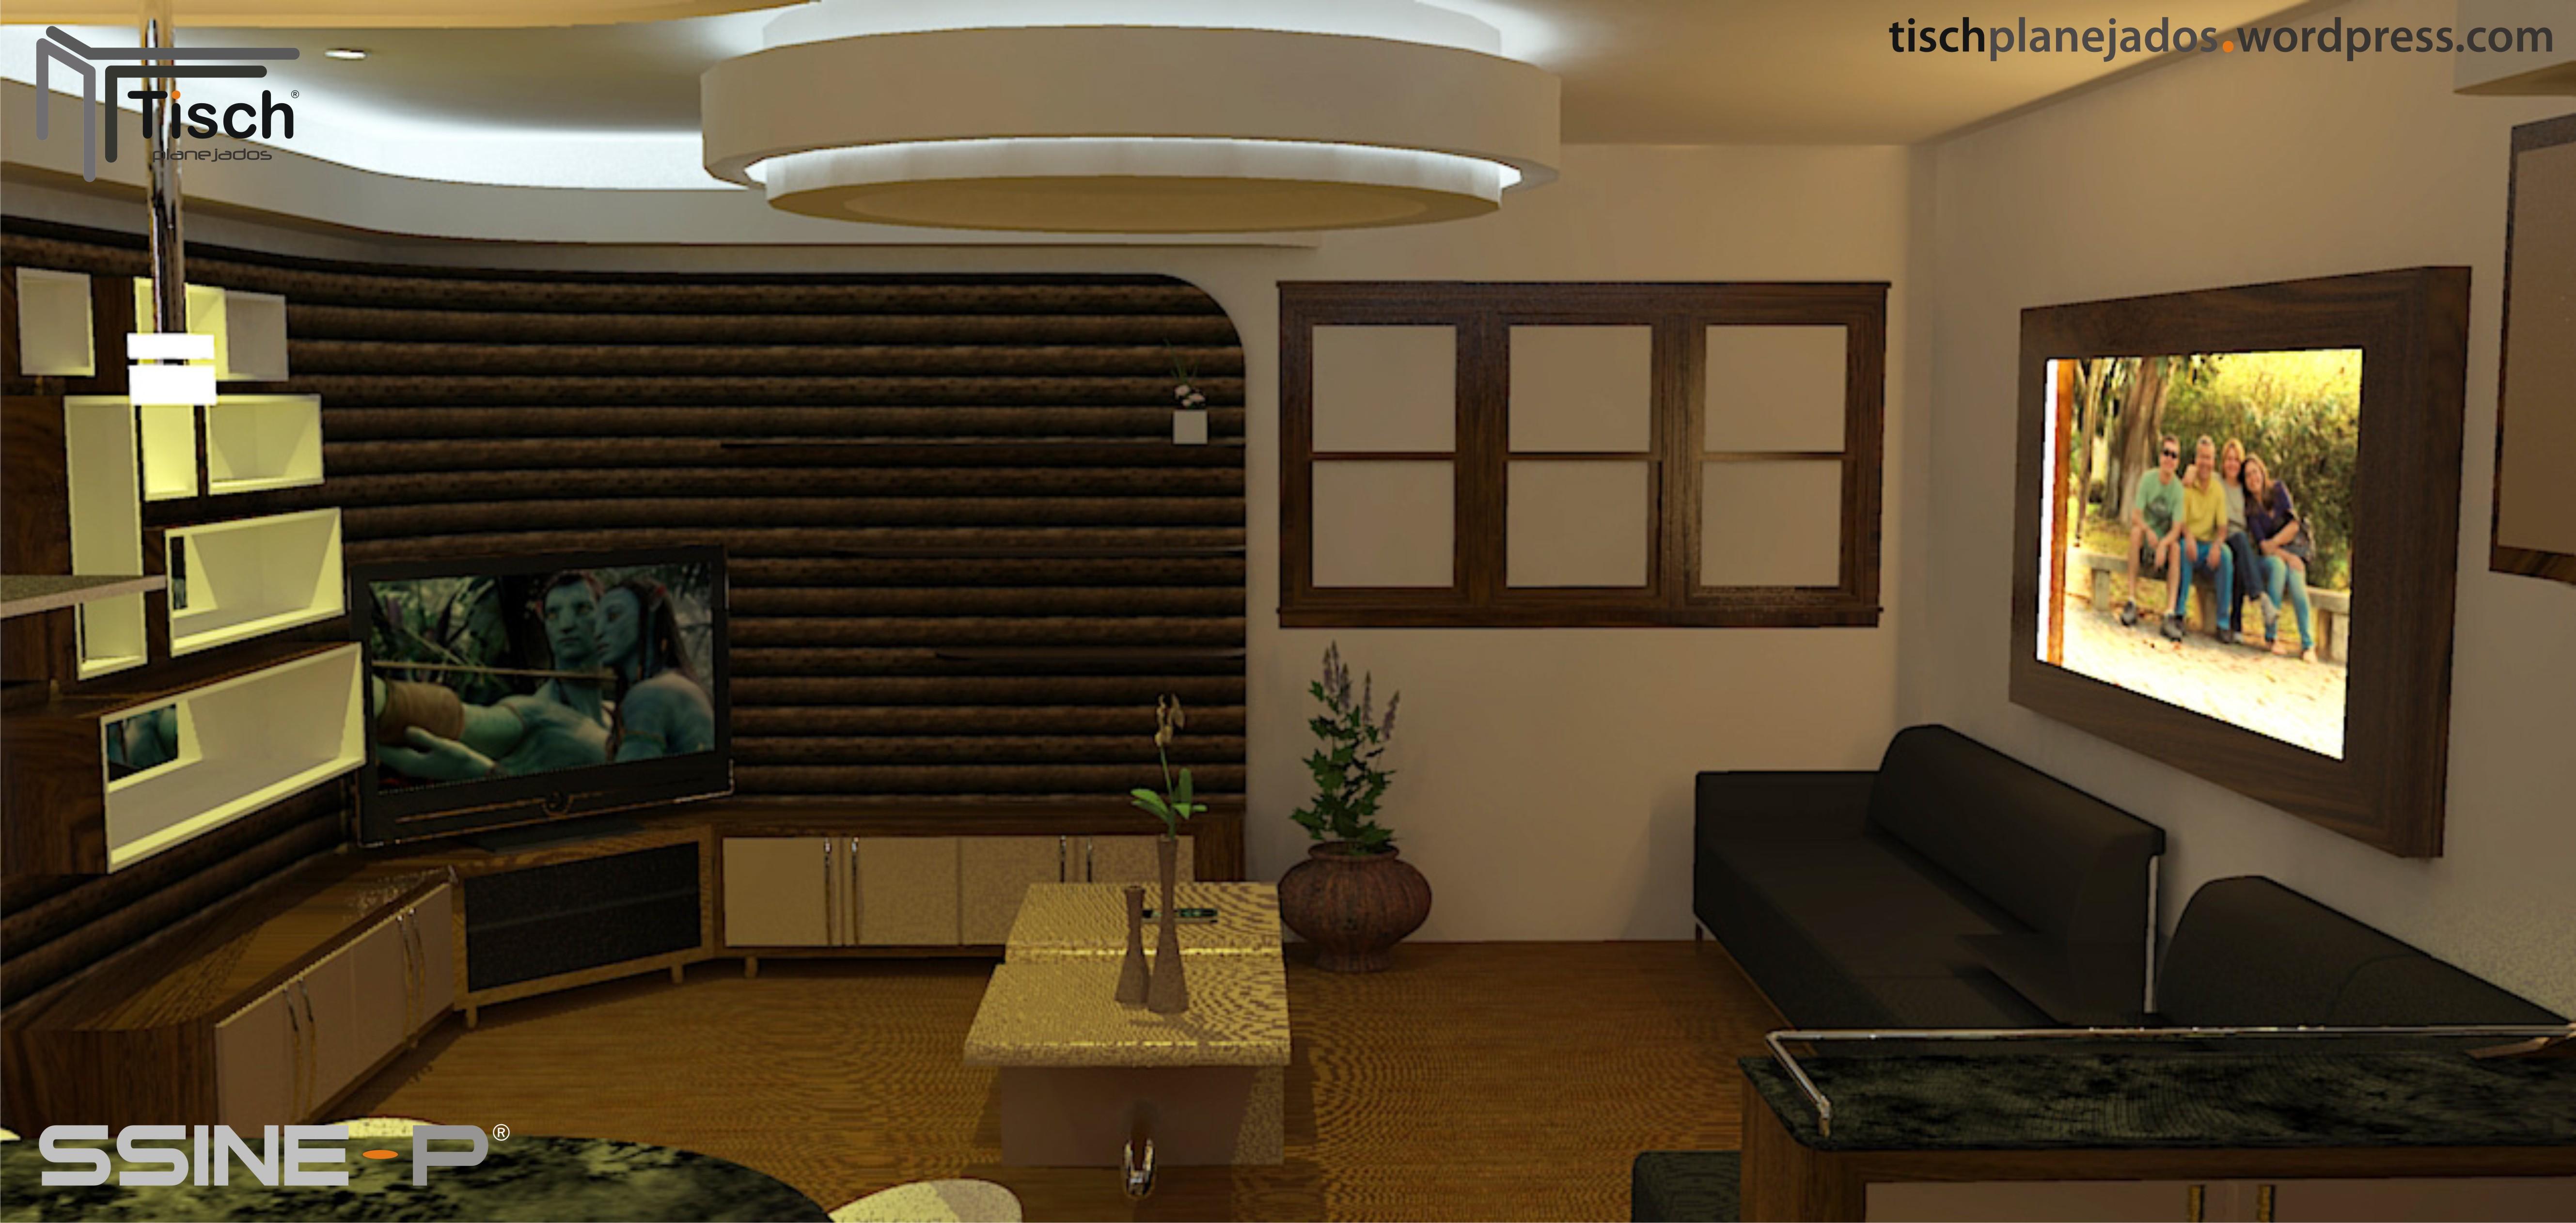 Rack Projetado Painel Tv E Rack With Rack Projetado Controlador De  -> Sala Simples Projetada